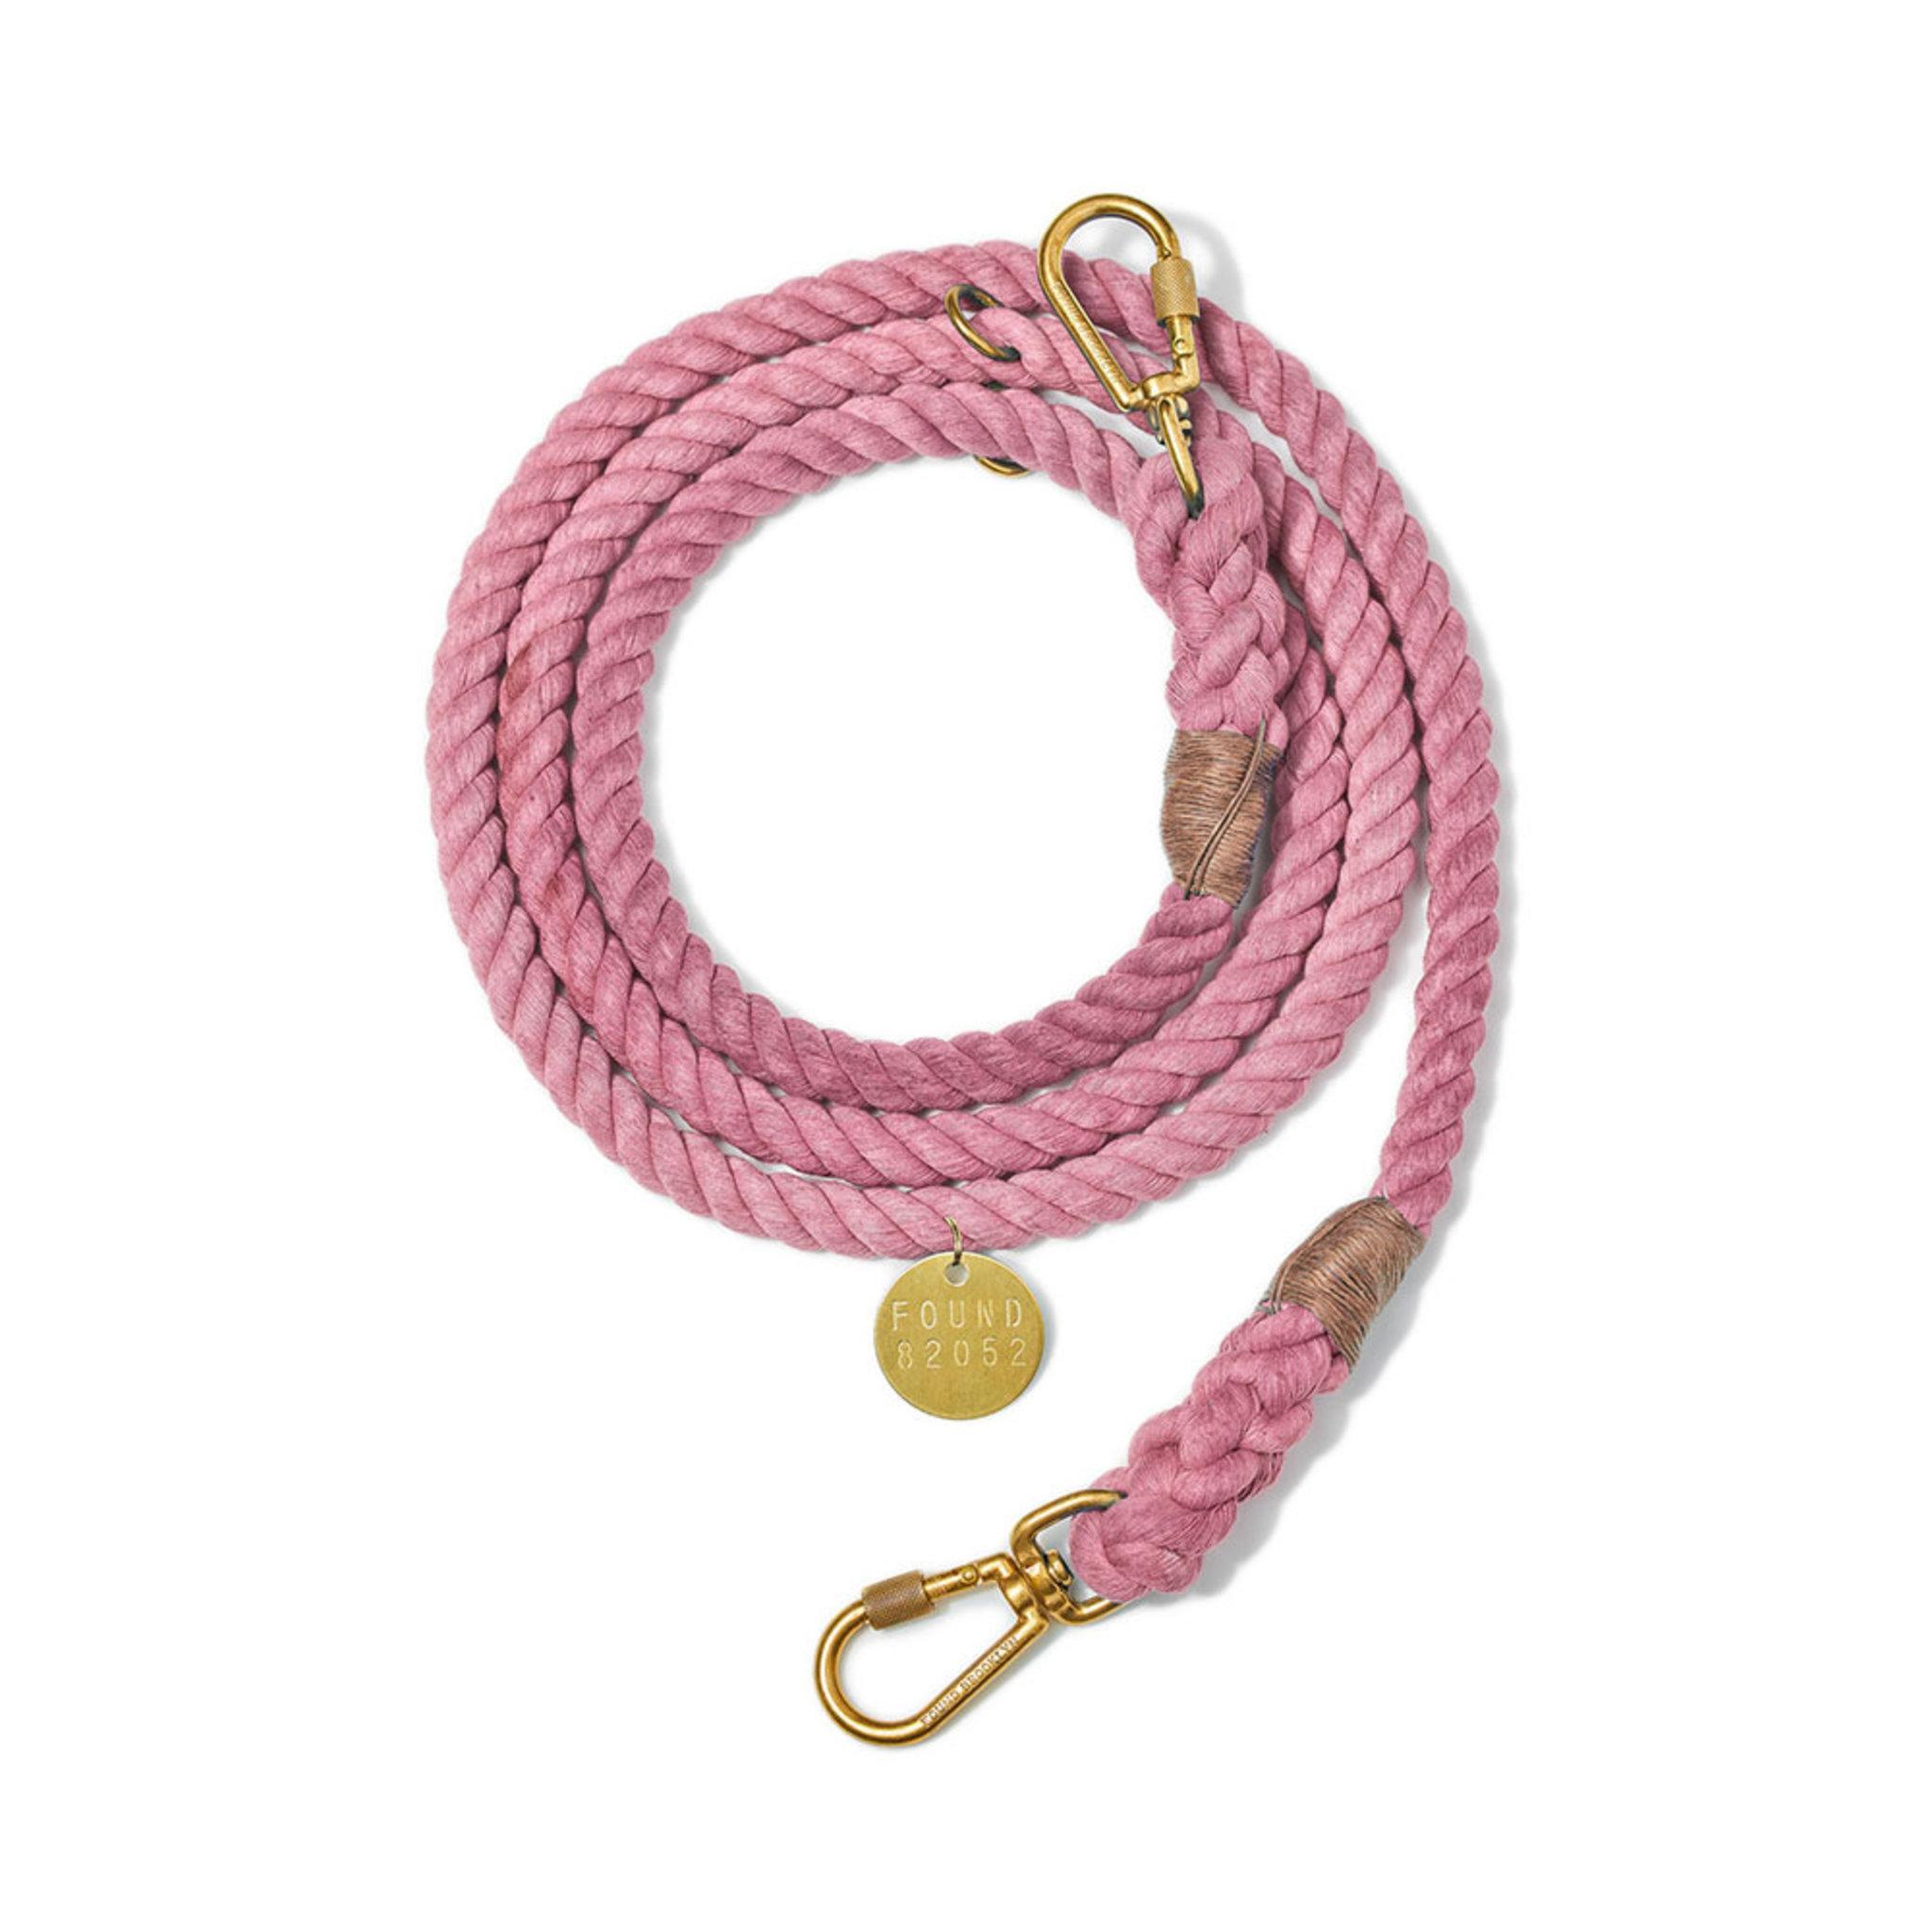 Found my Animal, Hundkoppel Rope